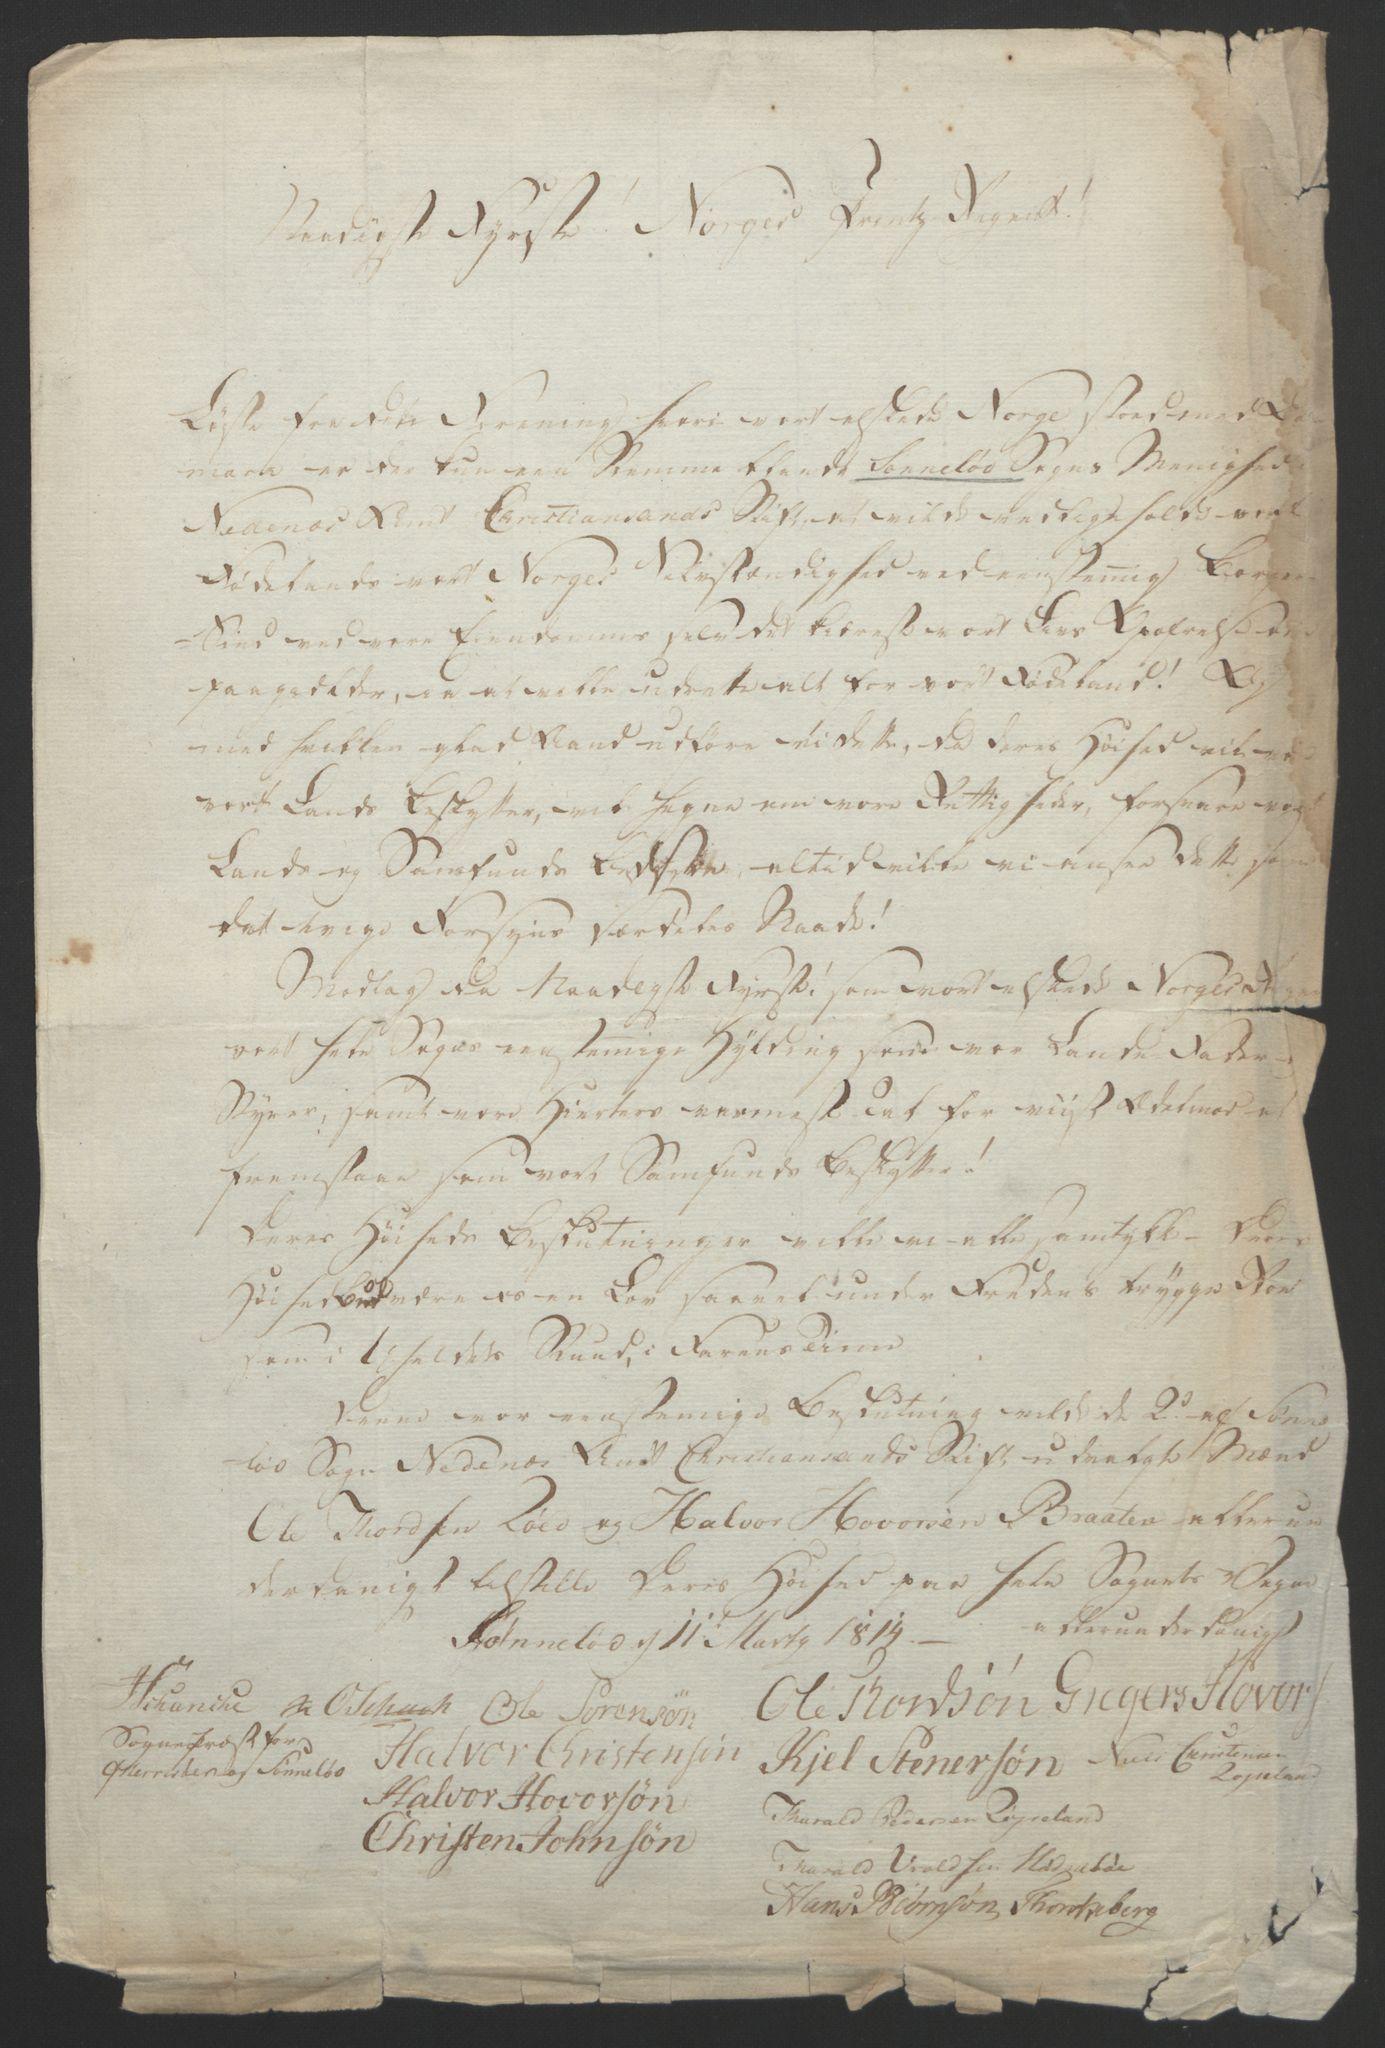 RA, Statsrådssekretariatet, D/Db/L0008: Fullmakter for Eidsvollsrepresentantene i 1814. , 1814, s. 97